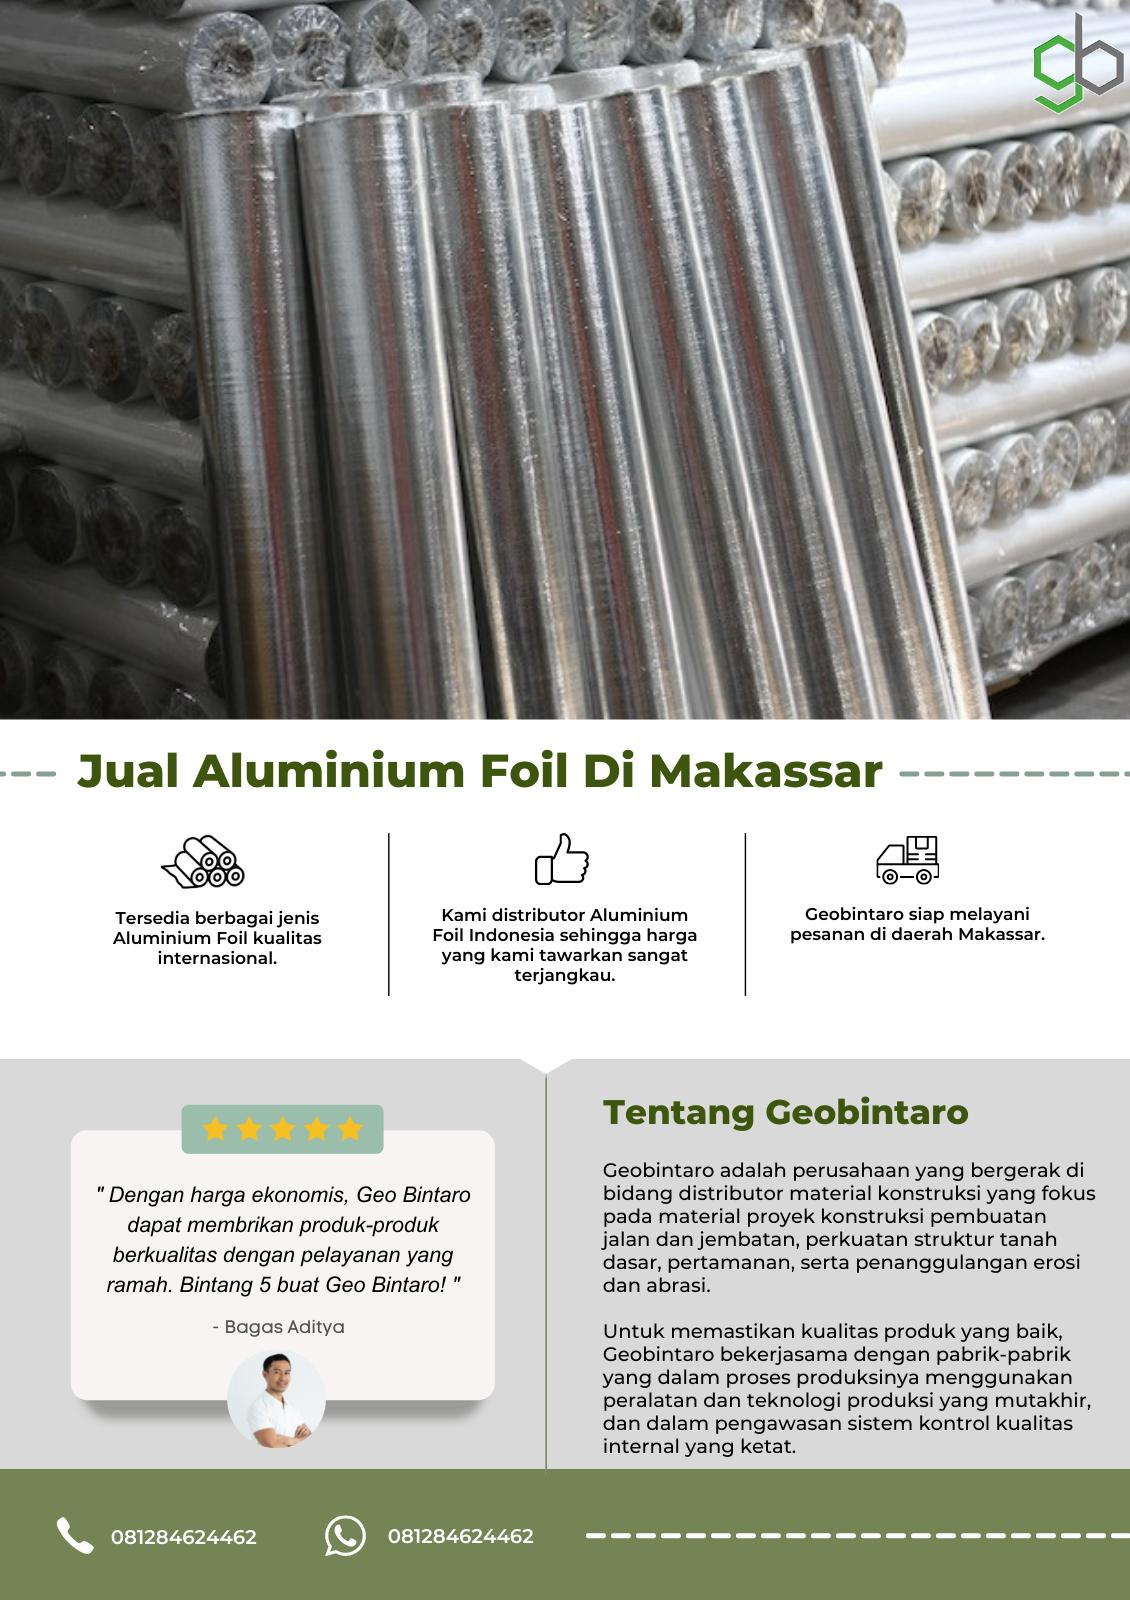 Aluminium Foil Di Makassar